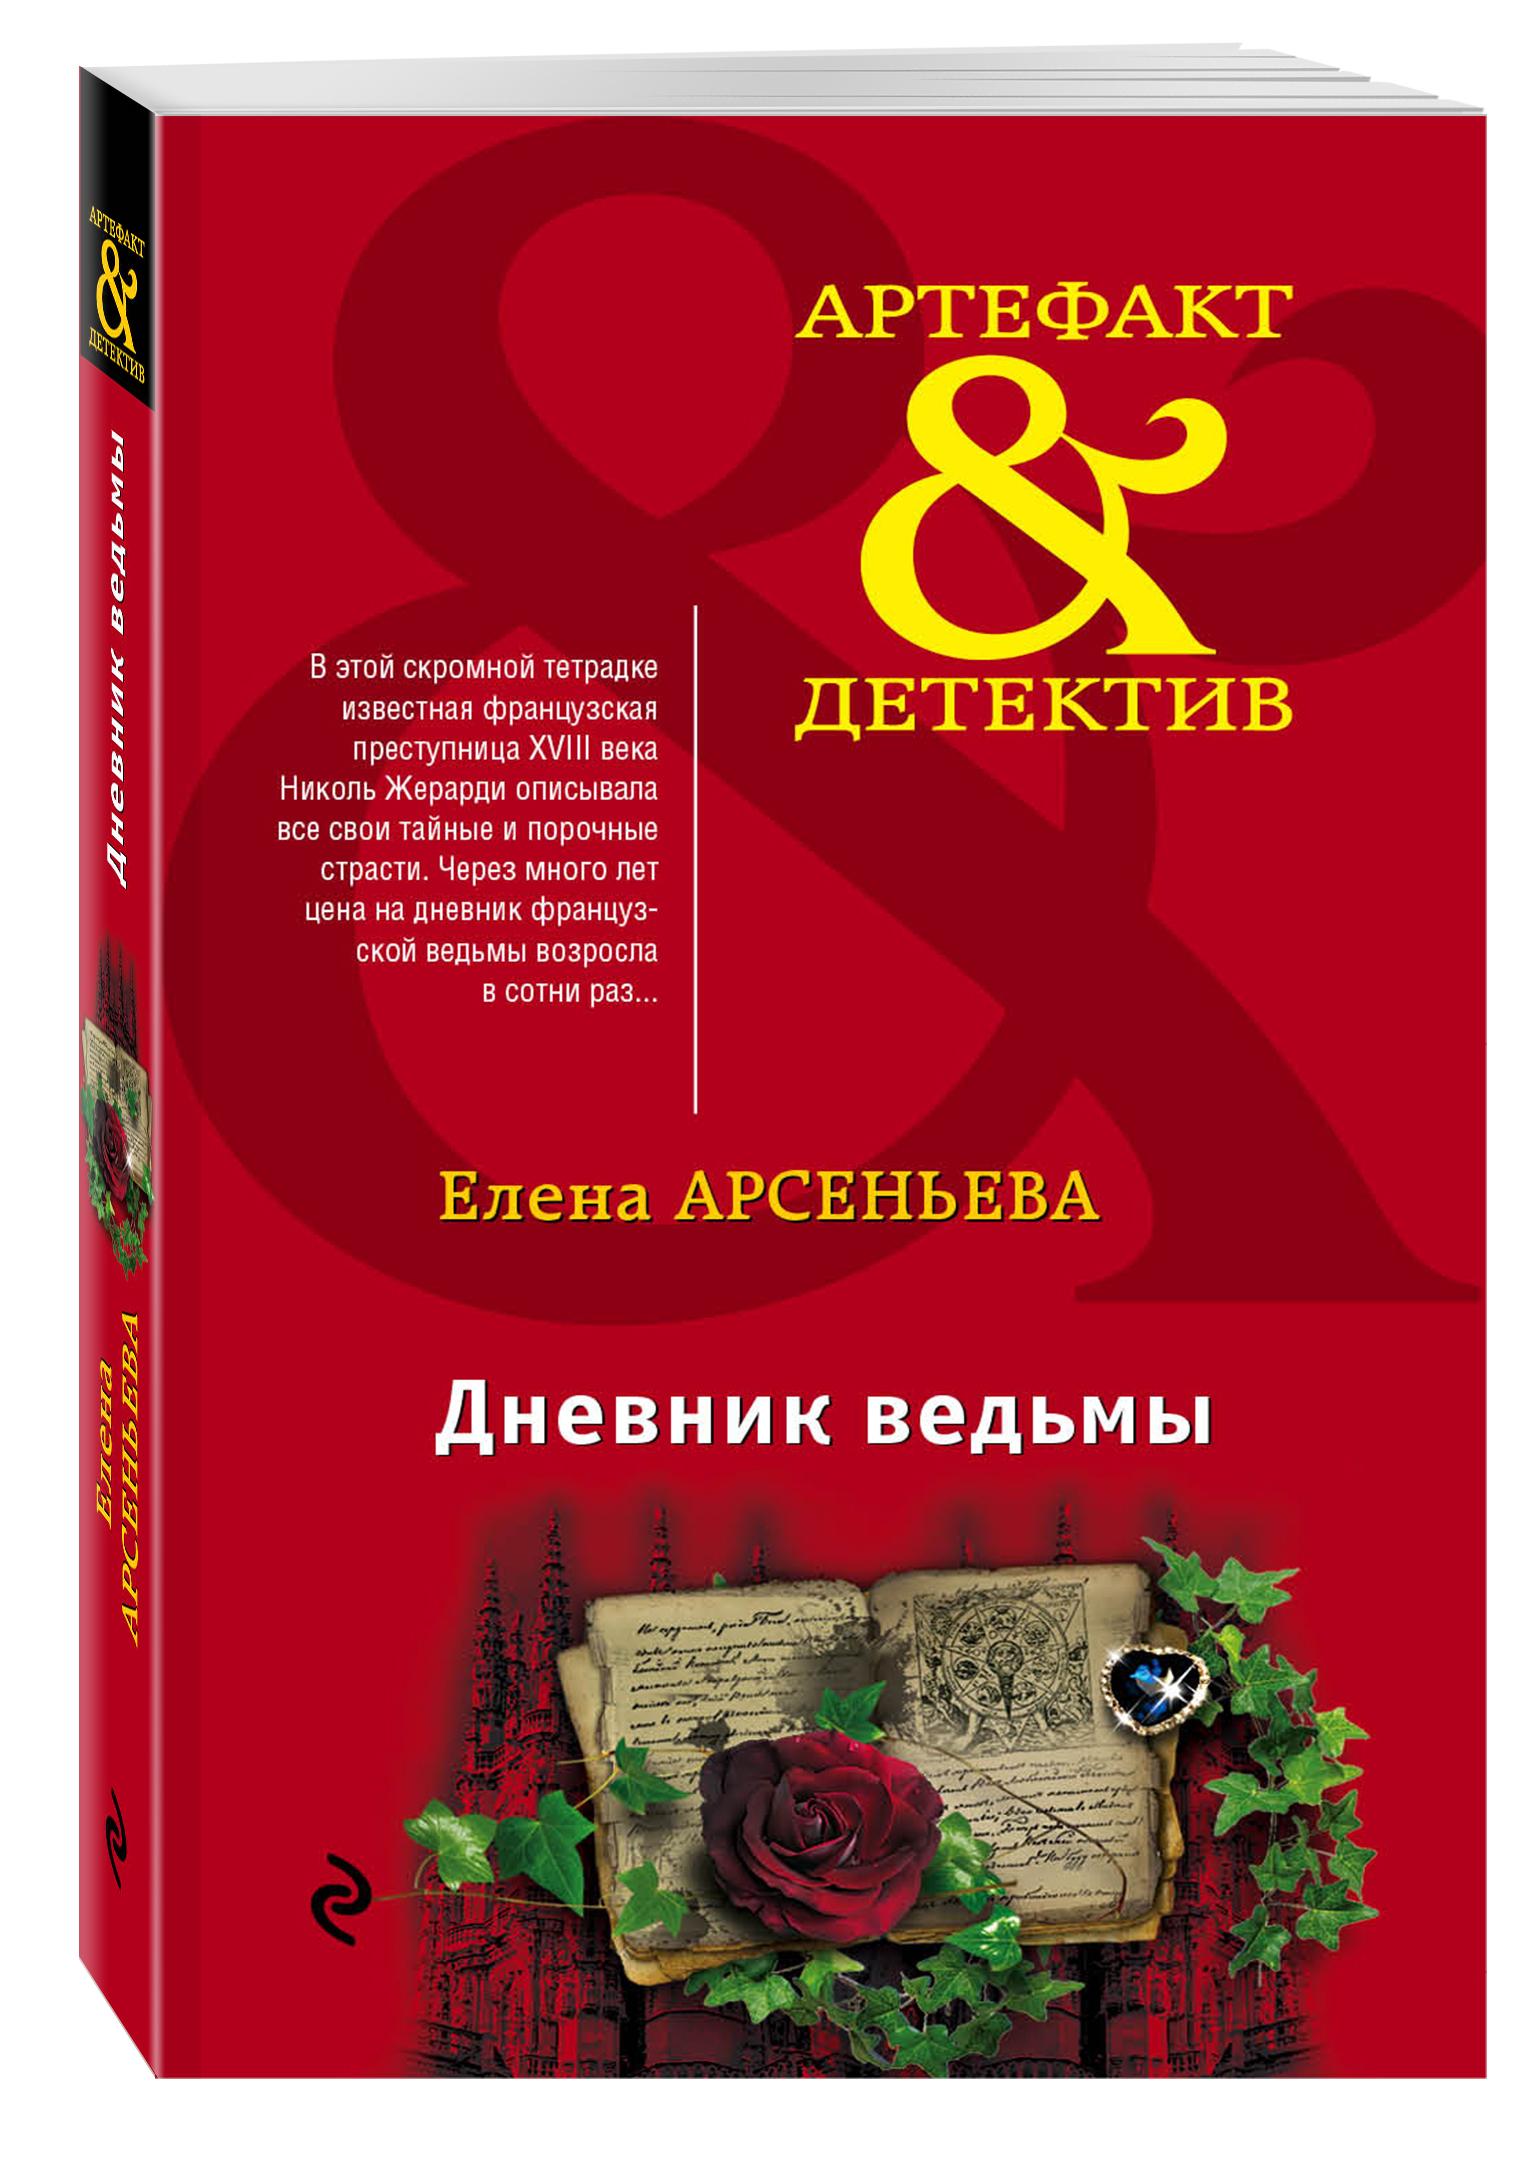 Арсеньева Е.А. Дневник ведьмы б д сурис фронтовой дневник дневник рассказы